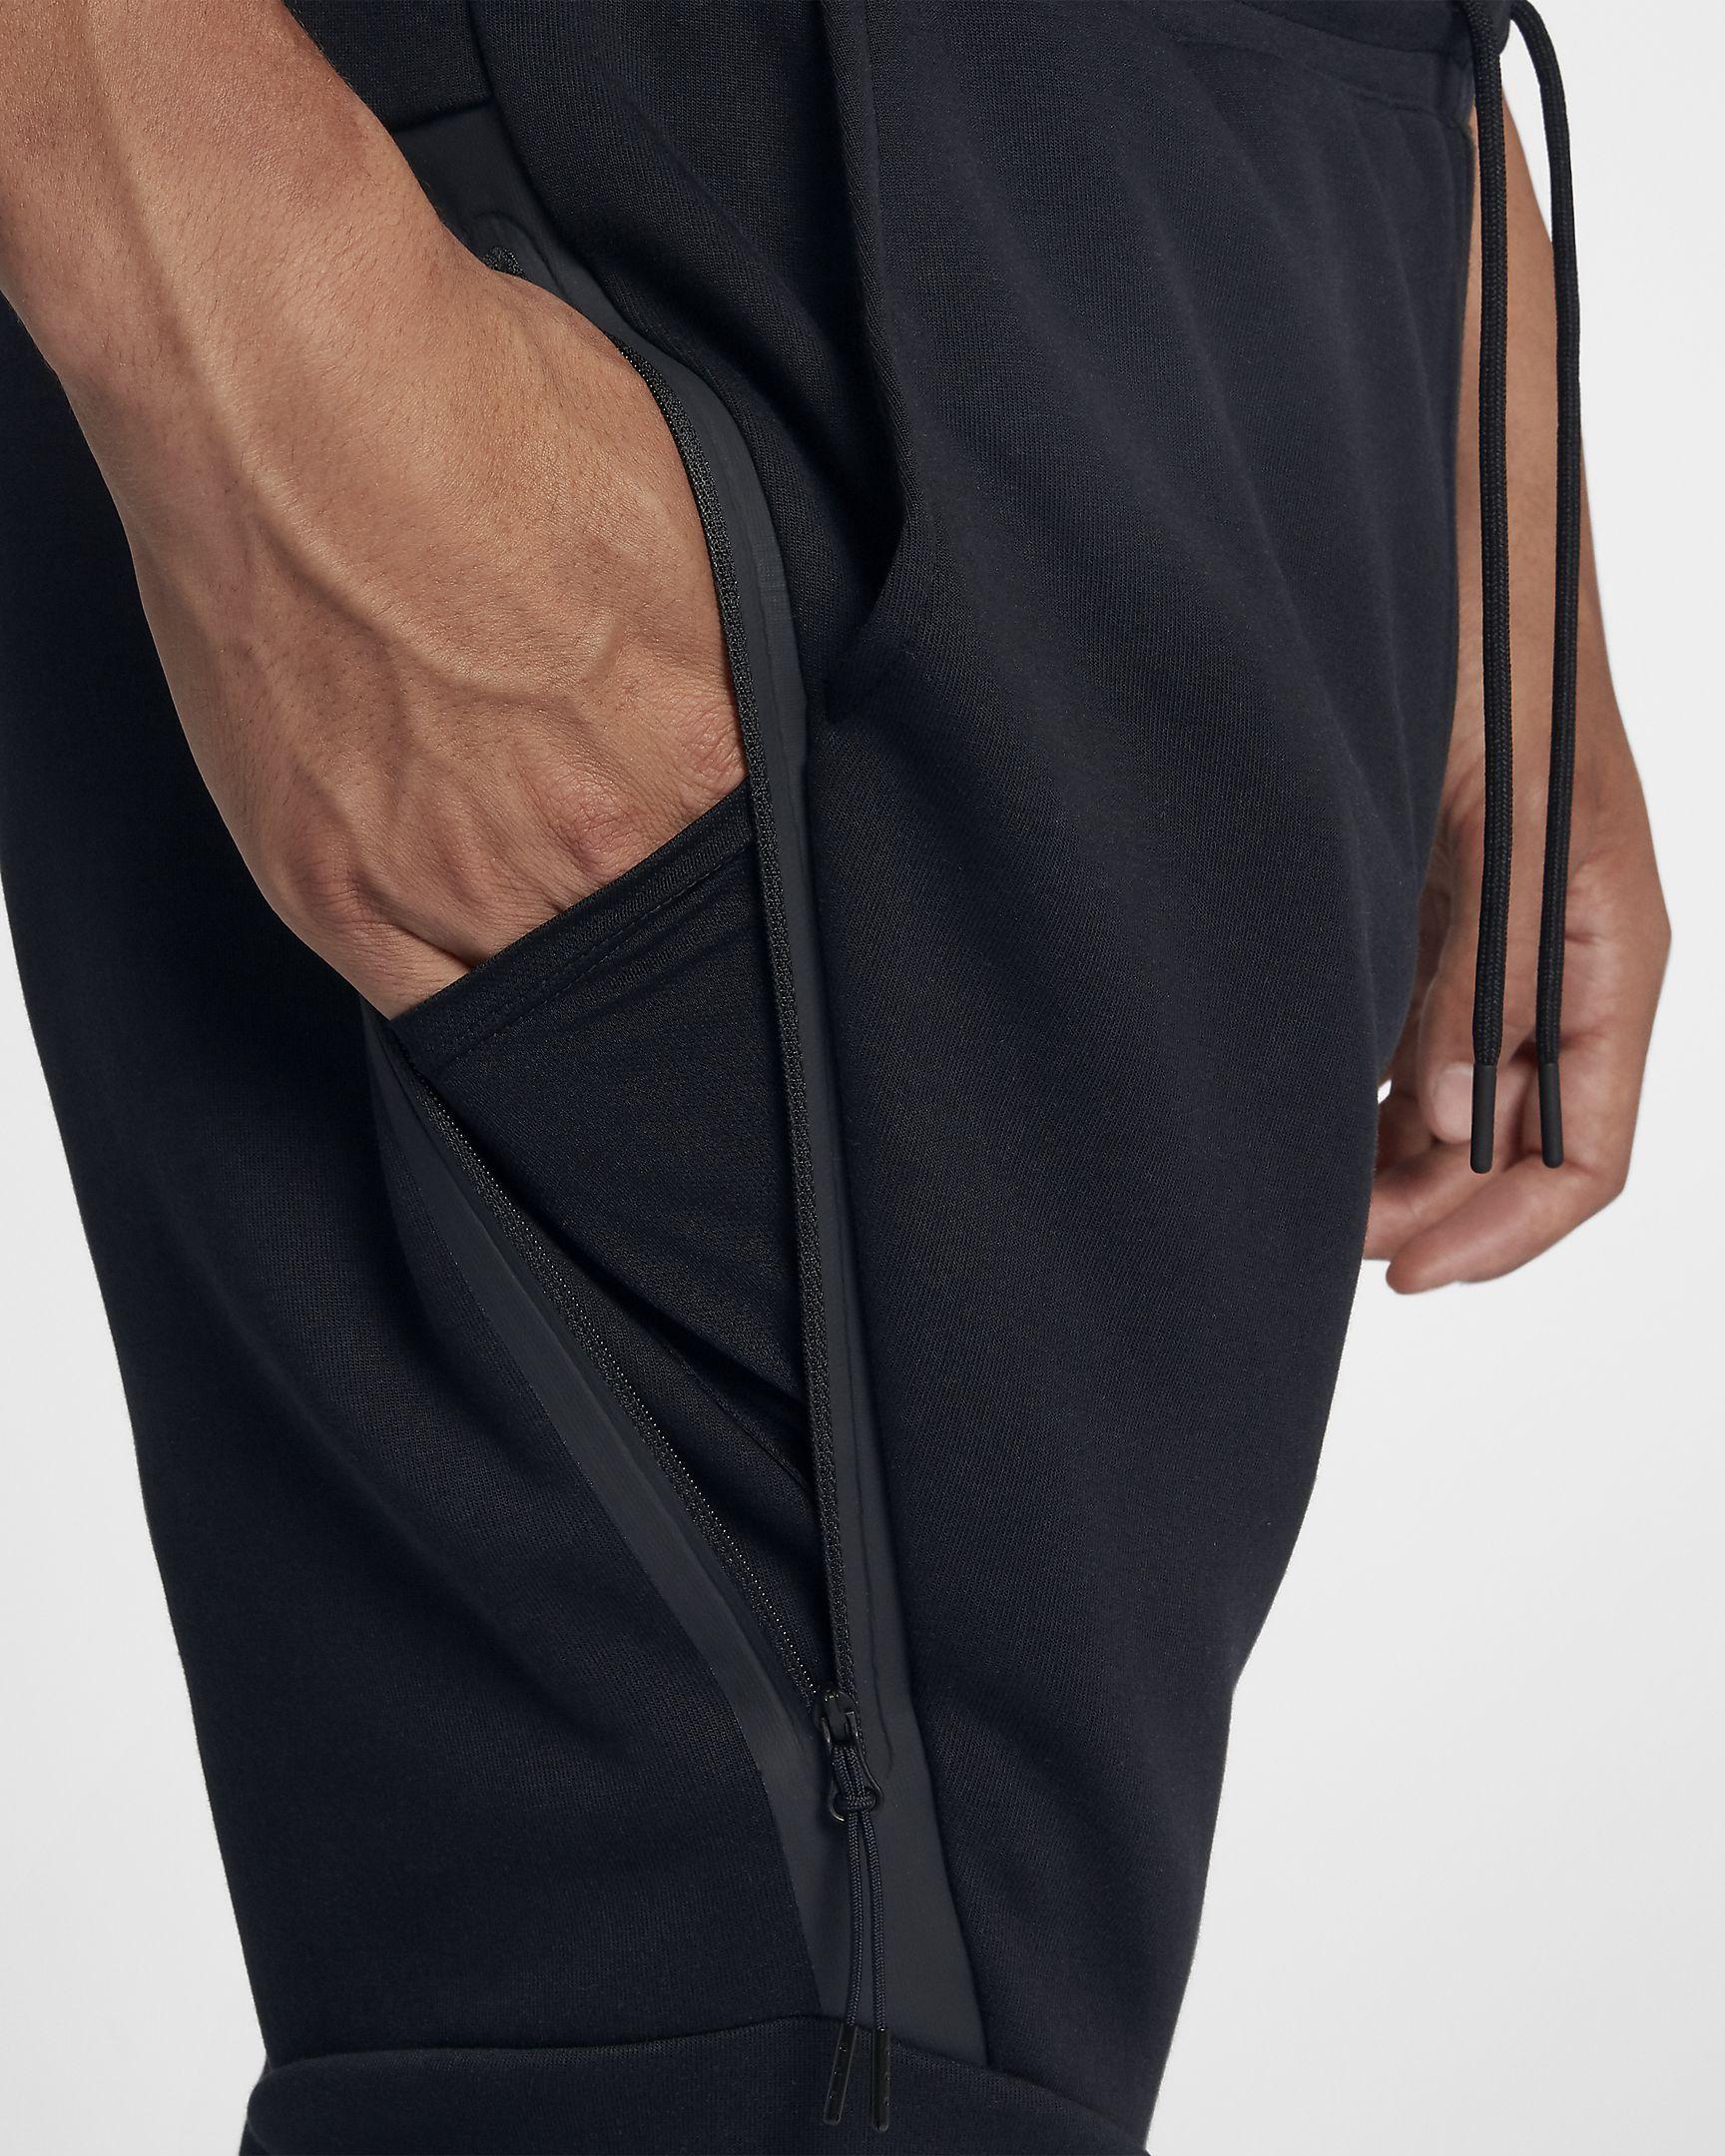 Sportswear Tech Fleece Men's Jogger in 2020 Tech fleece